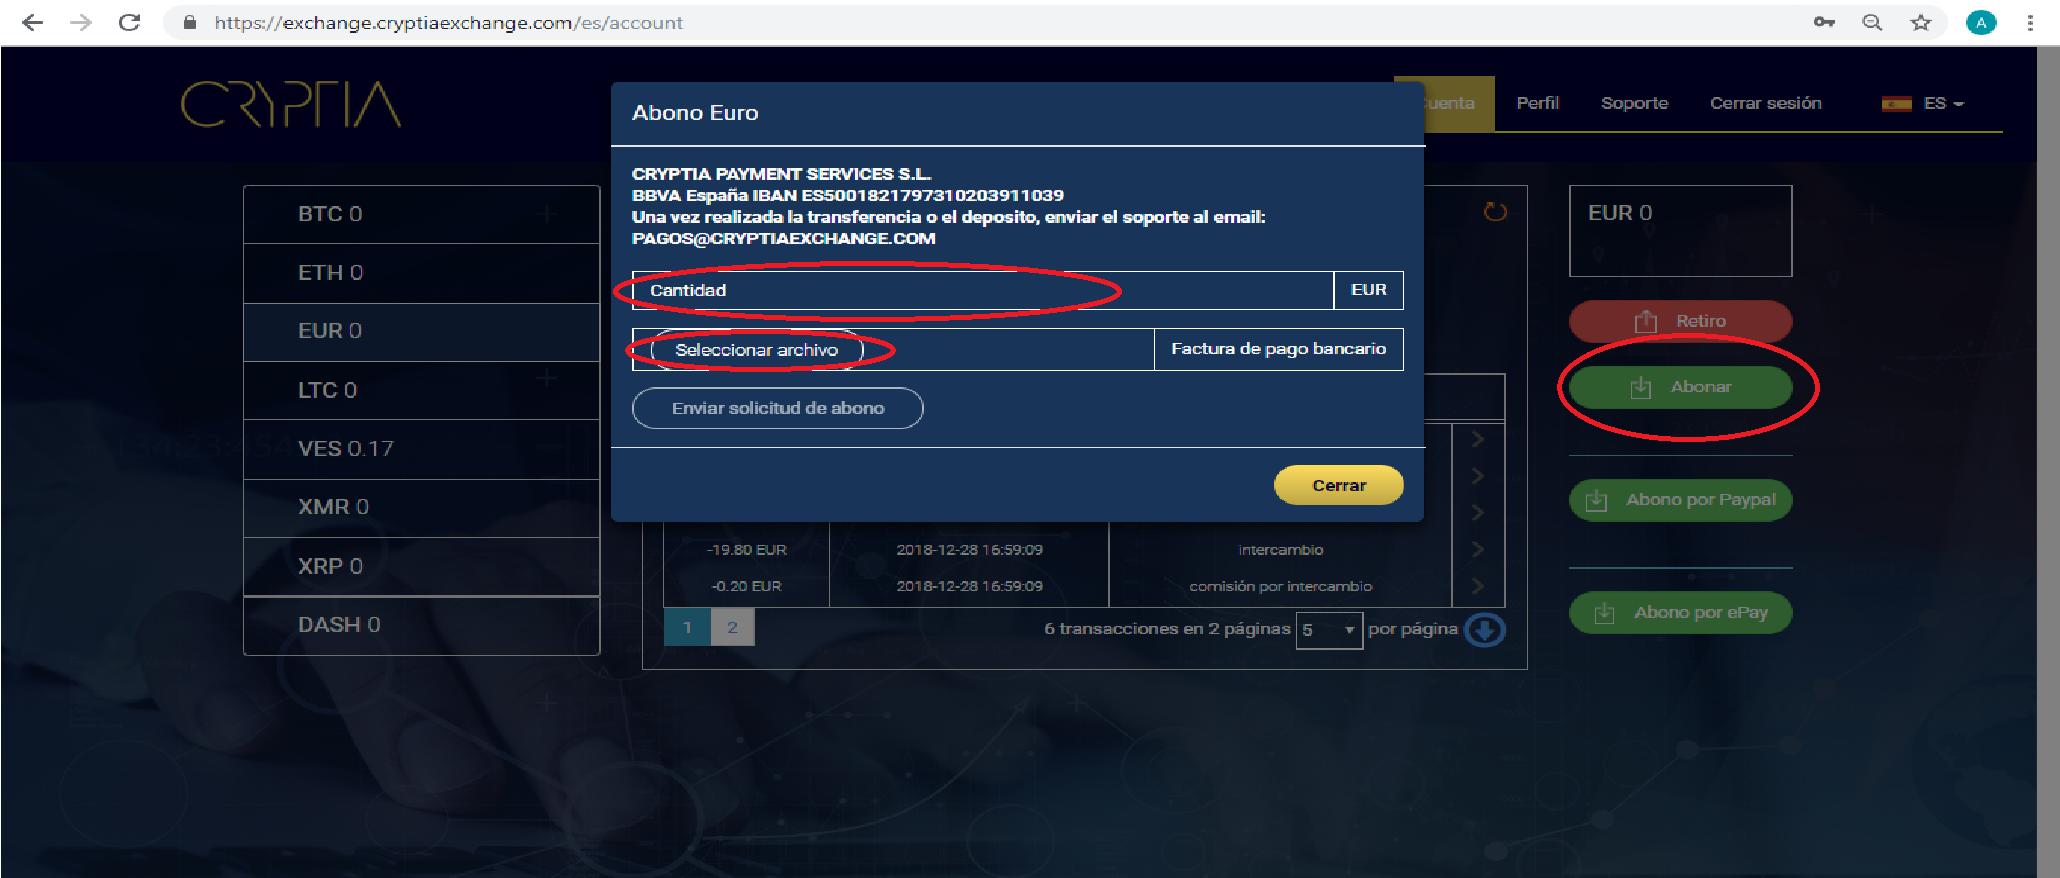 como-abonar-fondos-a-cryptia-exchange